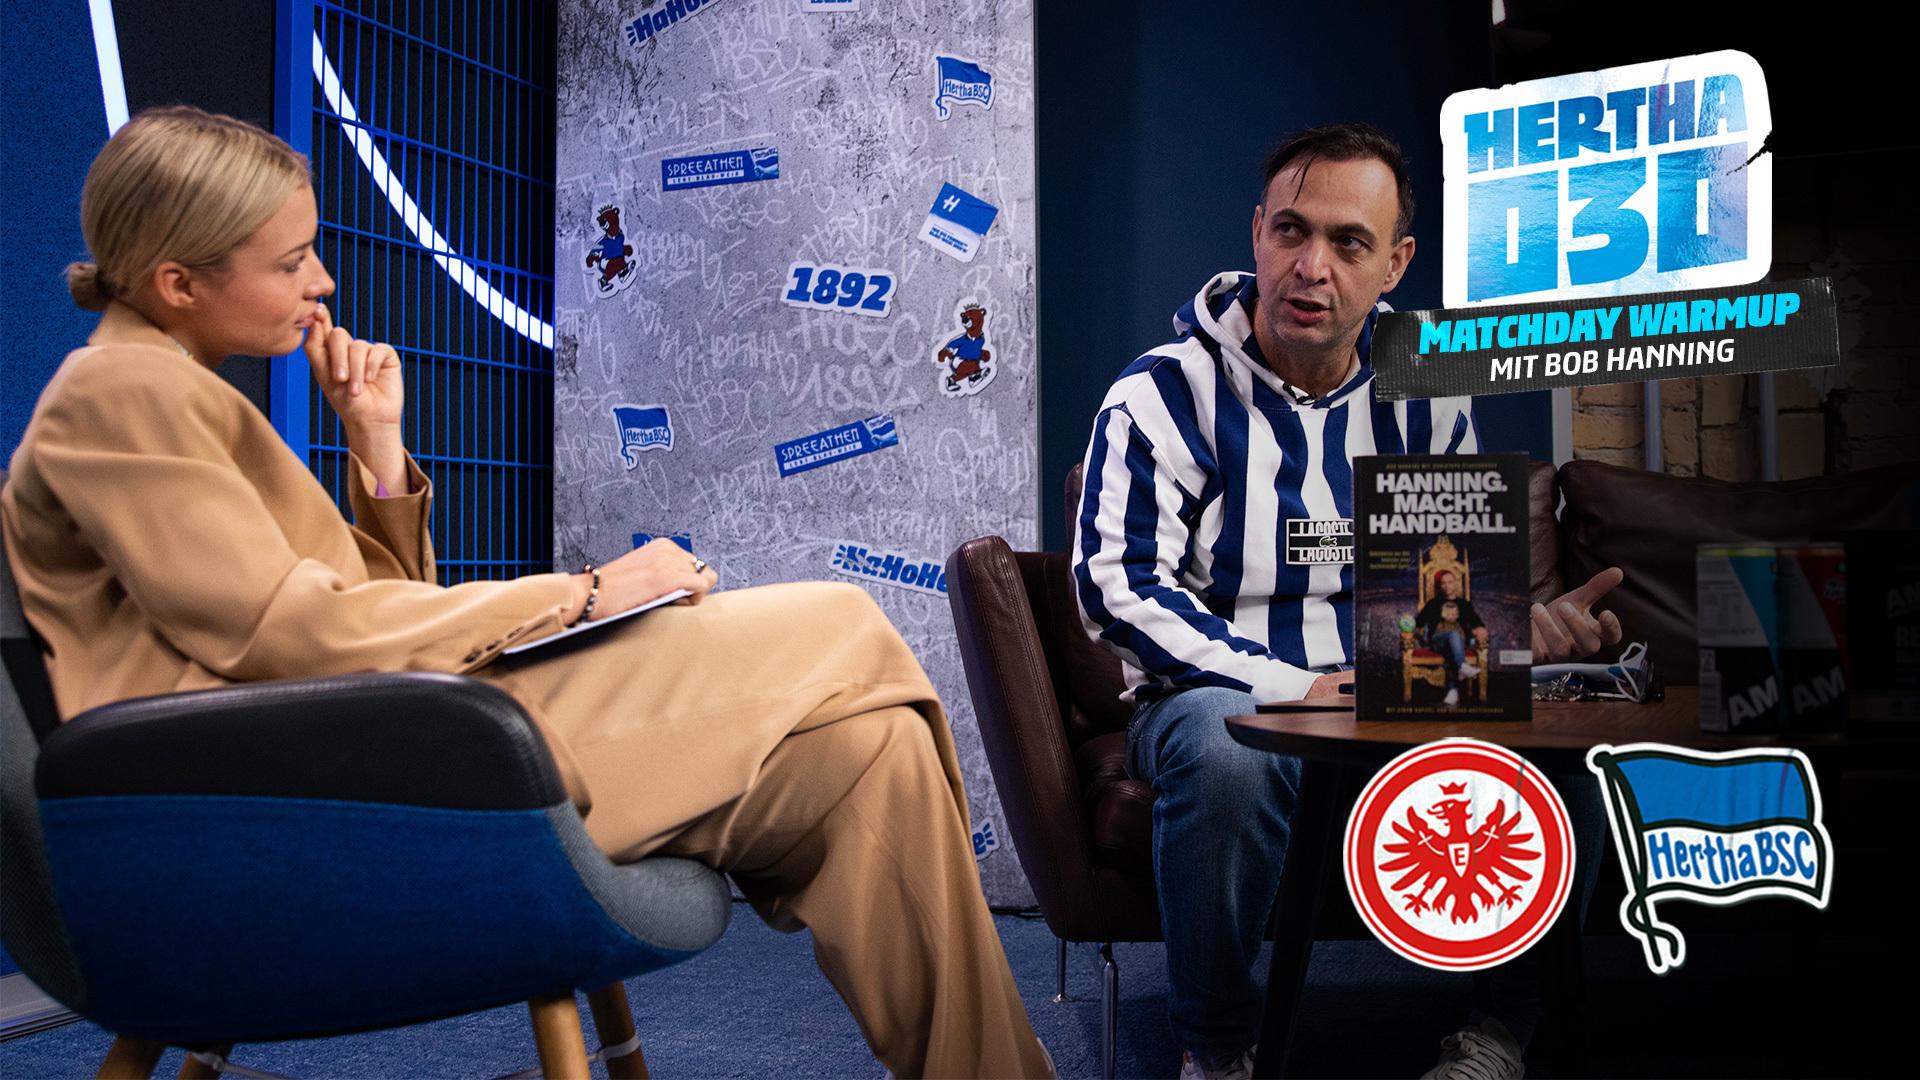 Lena spricht bei der 'Hertha030 - Matchday Warmup'-Show mit Bob Hanning.